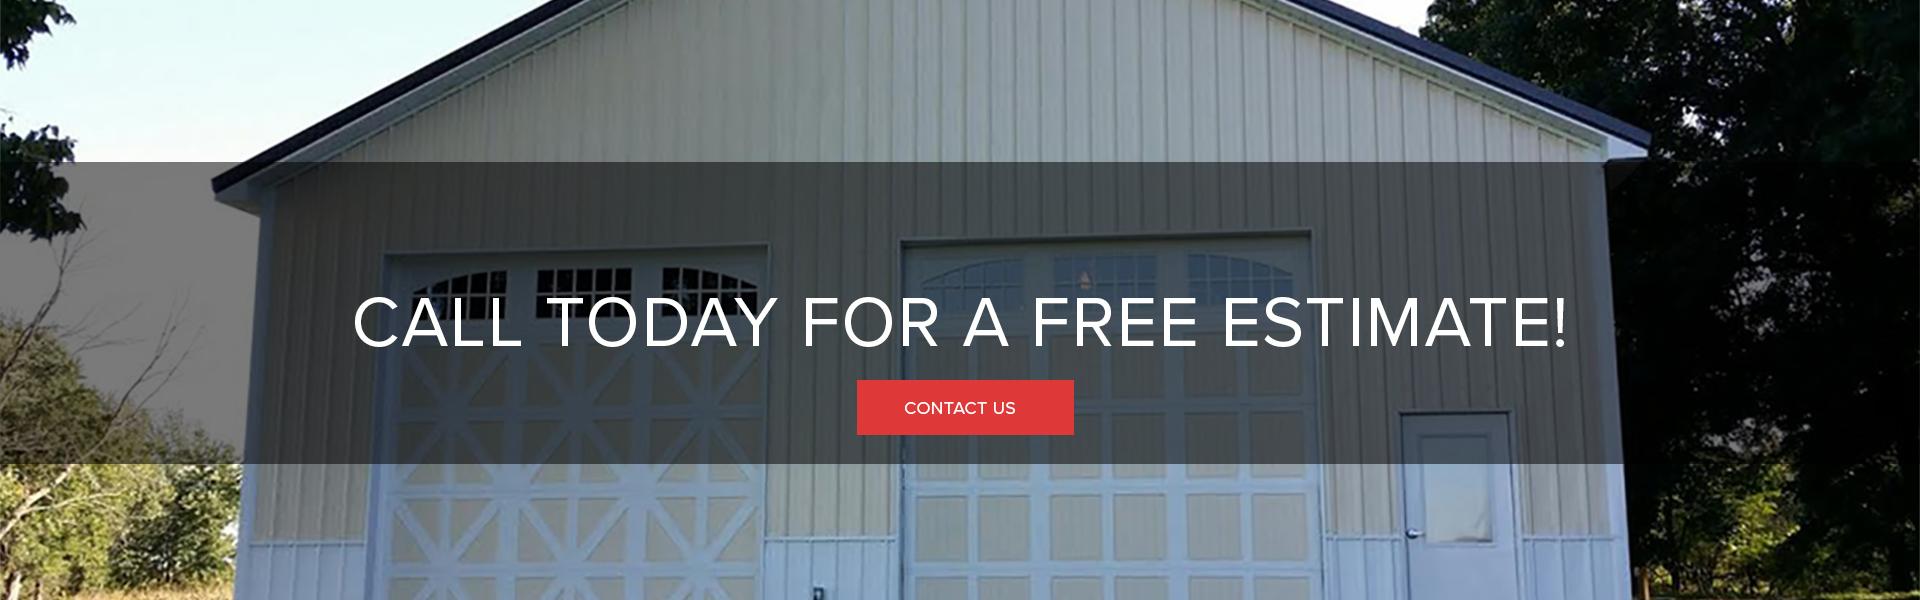 Garage Door Repair and Installation in Fulton County, IN